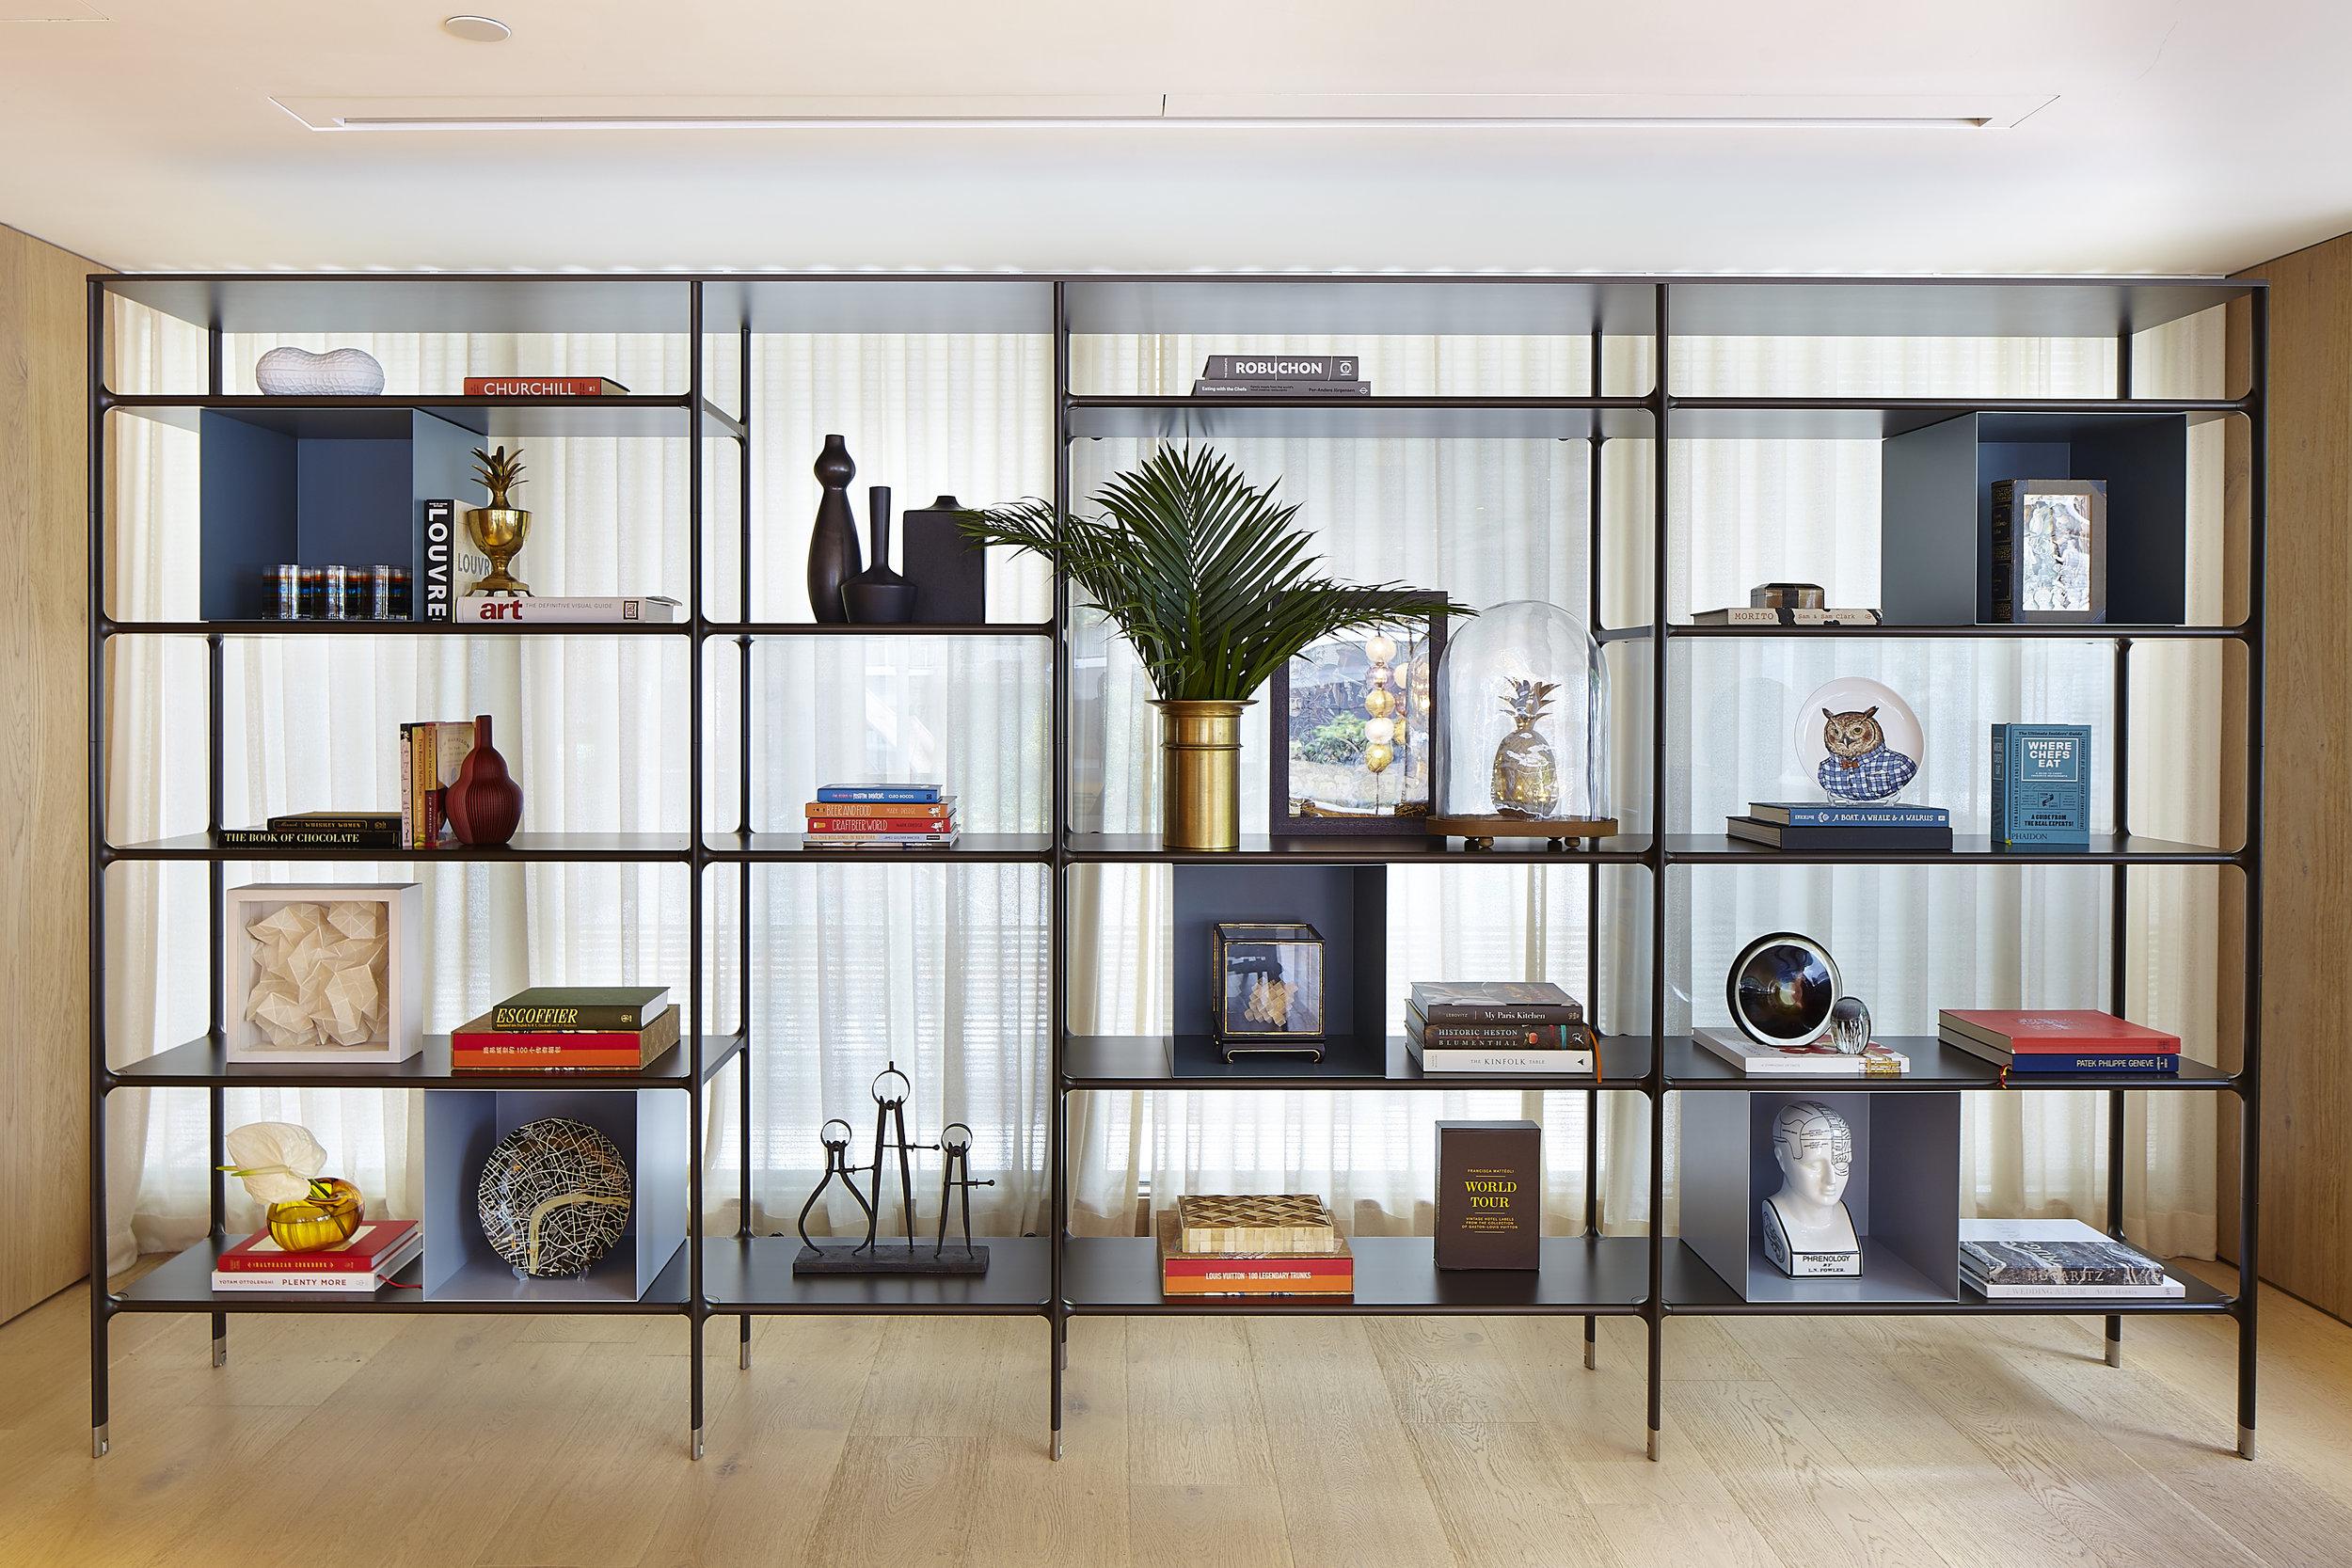 House of Madison | Hong Kong | Retail